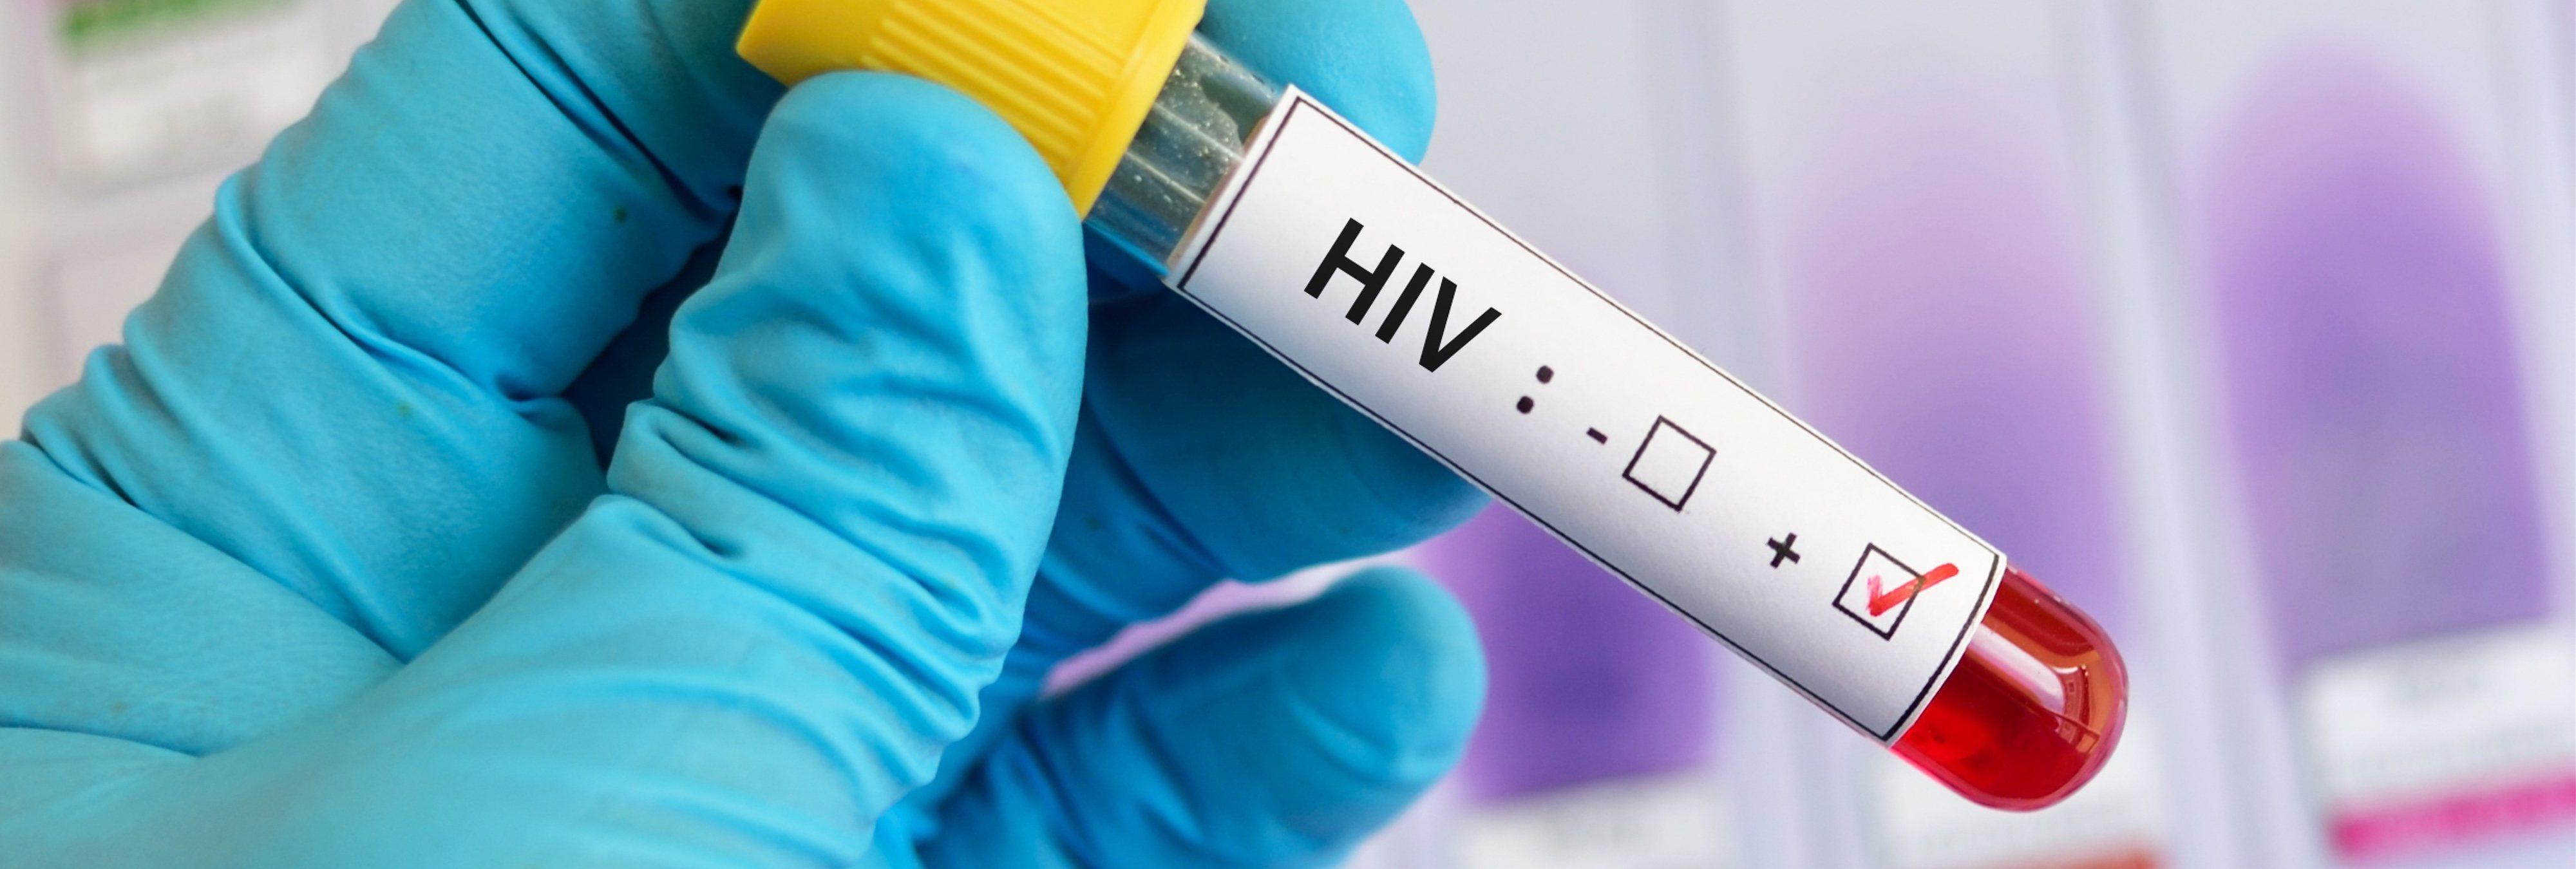 Bugchasing: la peligrosa moda de querer contagiarse de VIH por el subidón de adrenalina